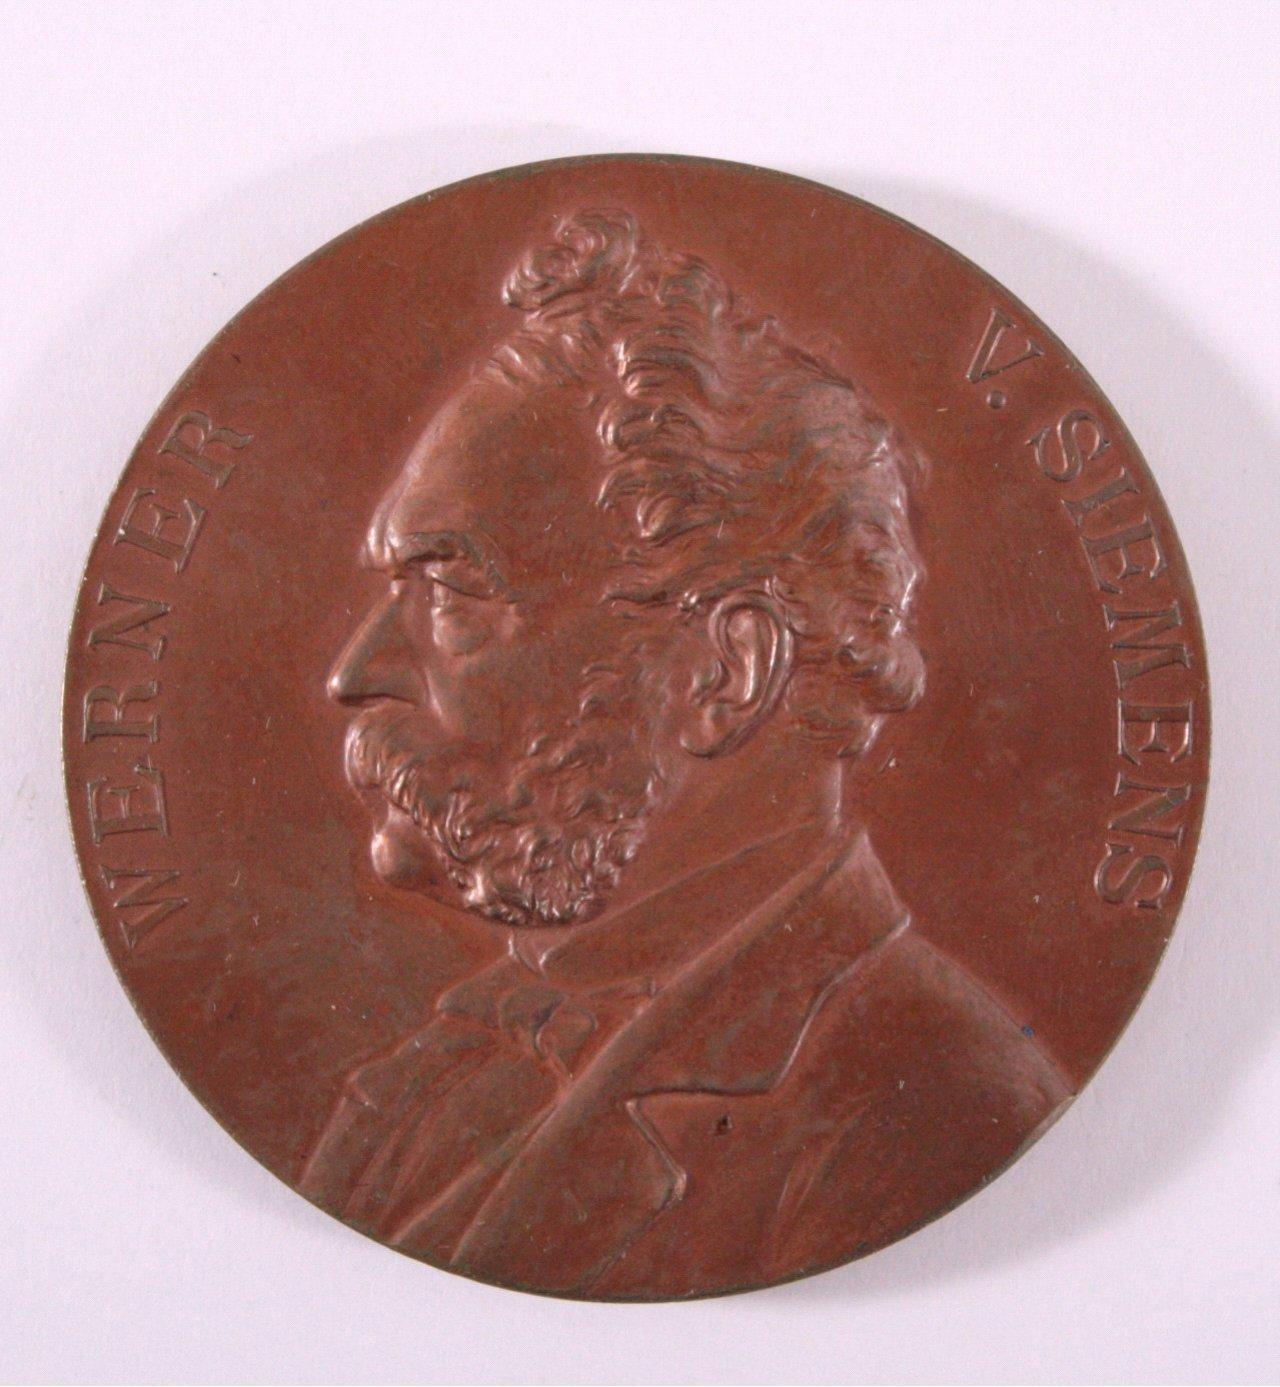 Medaille, Werner von Siemens, 1897